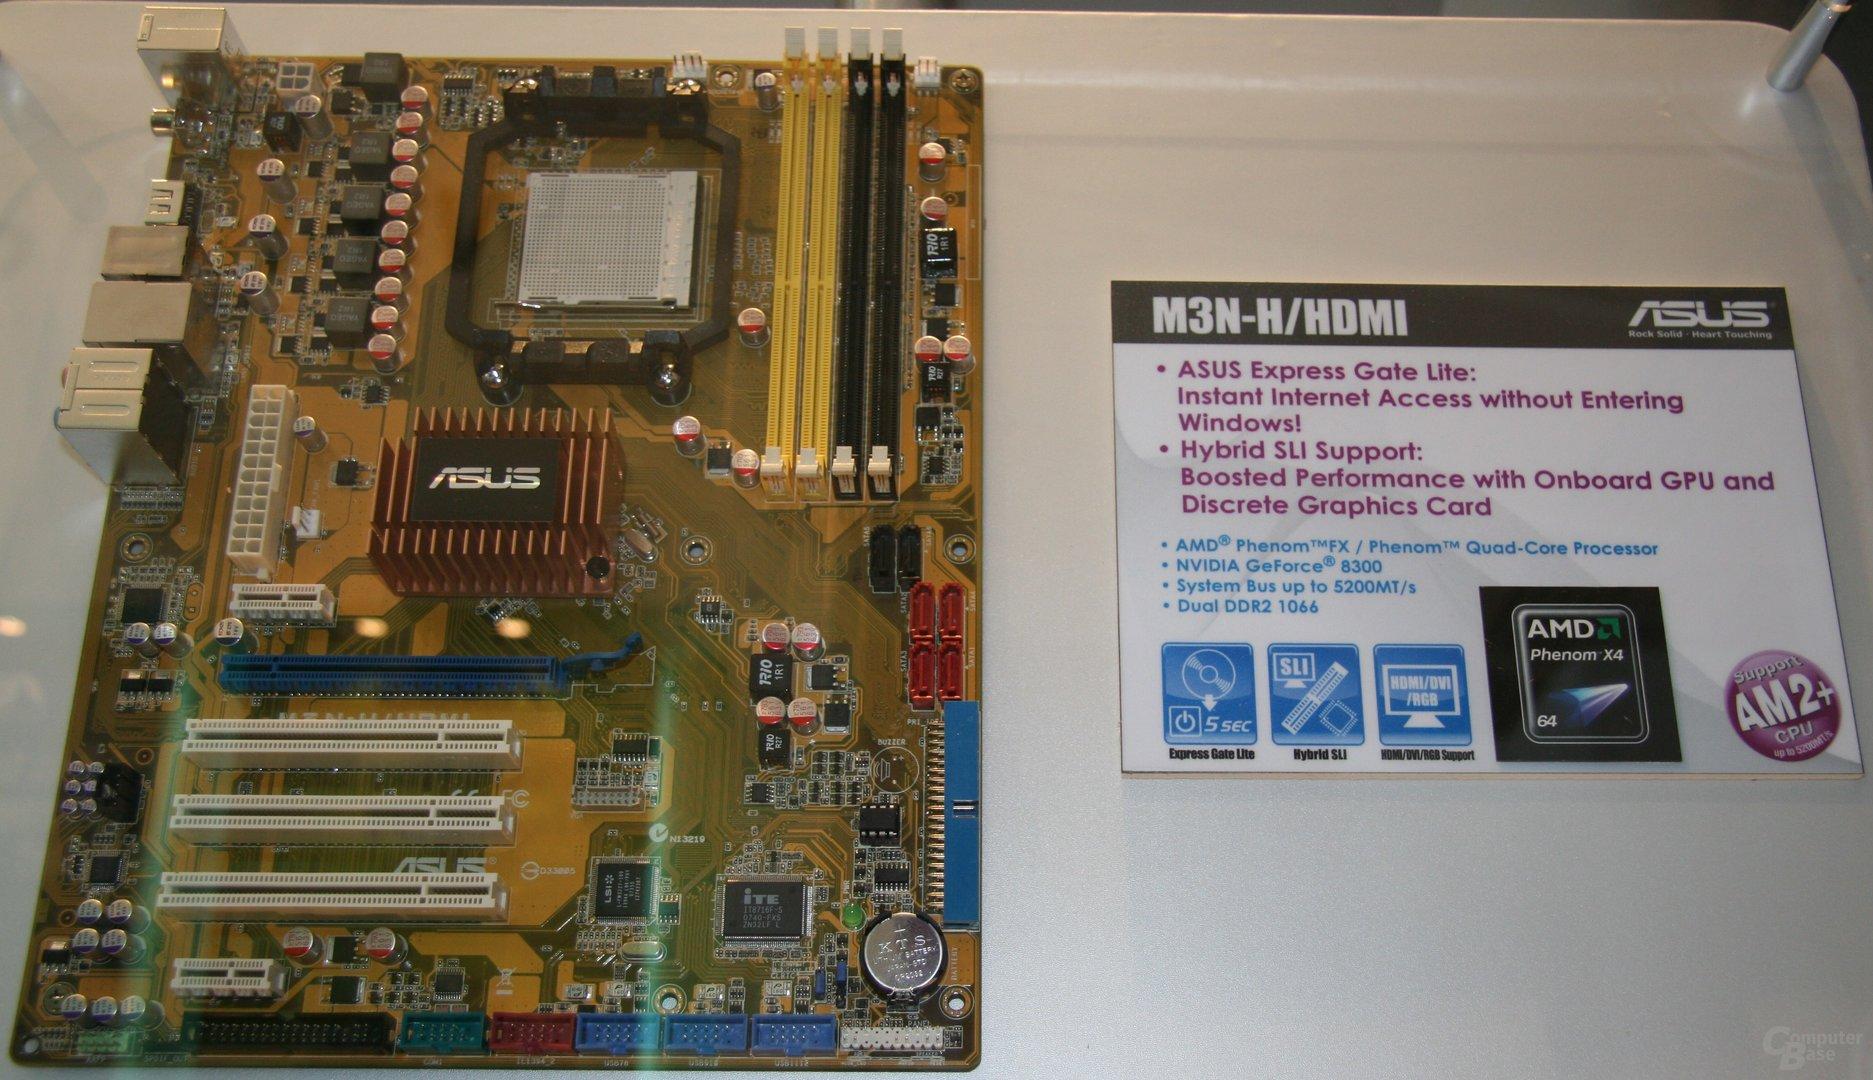 Asus M3N-H/HDMI